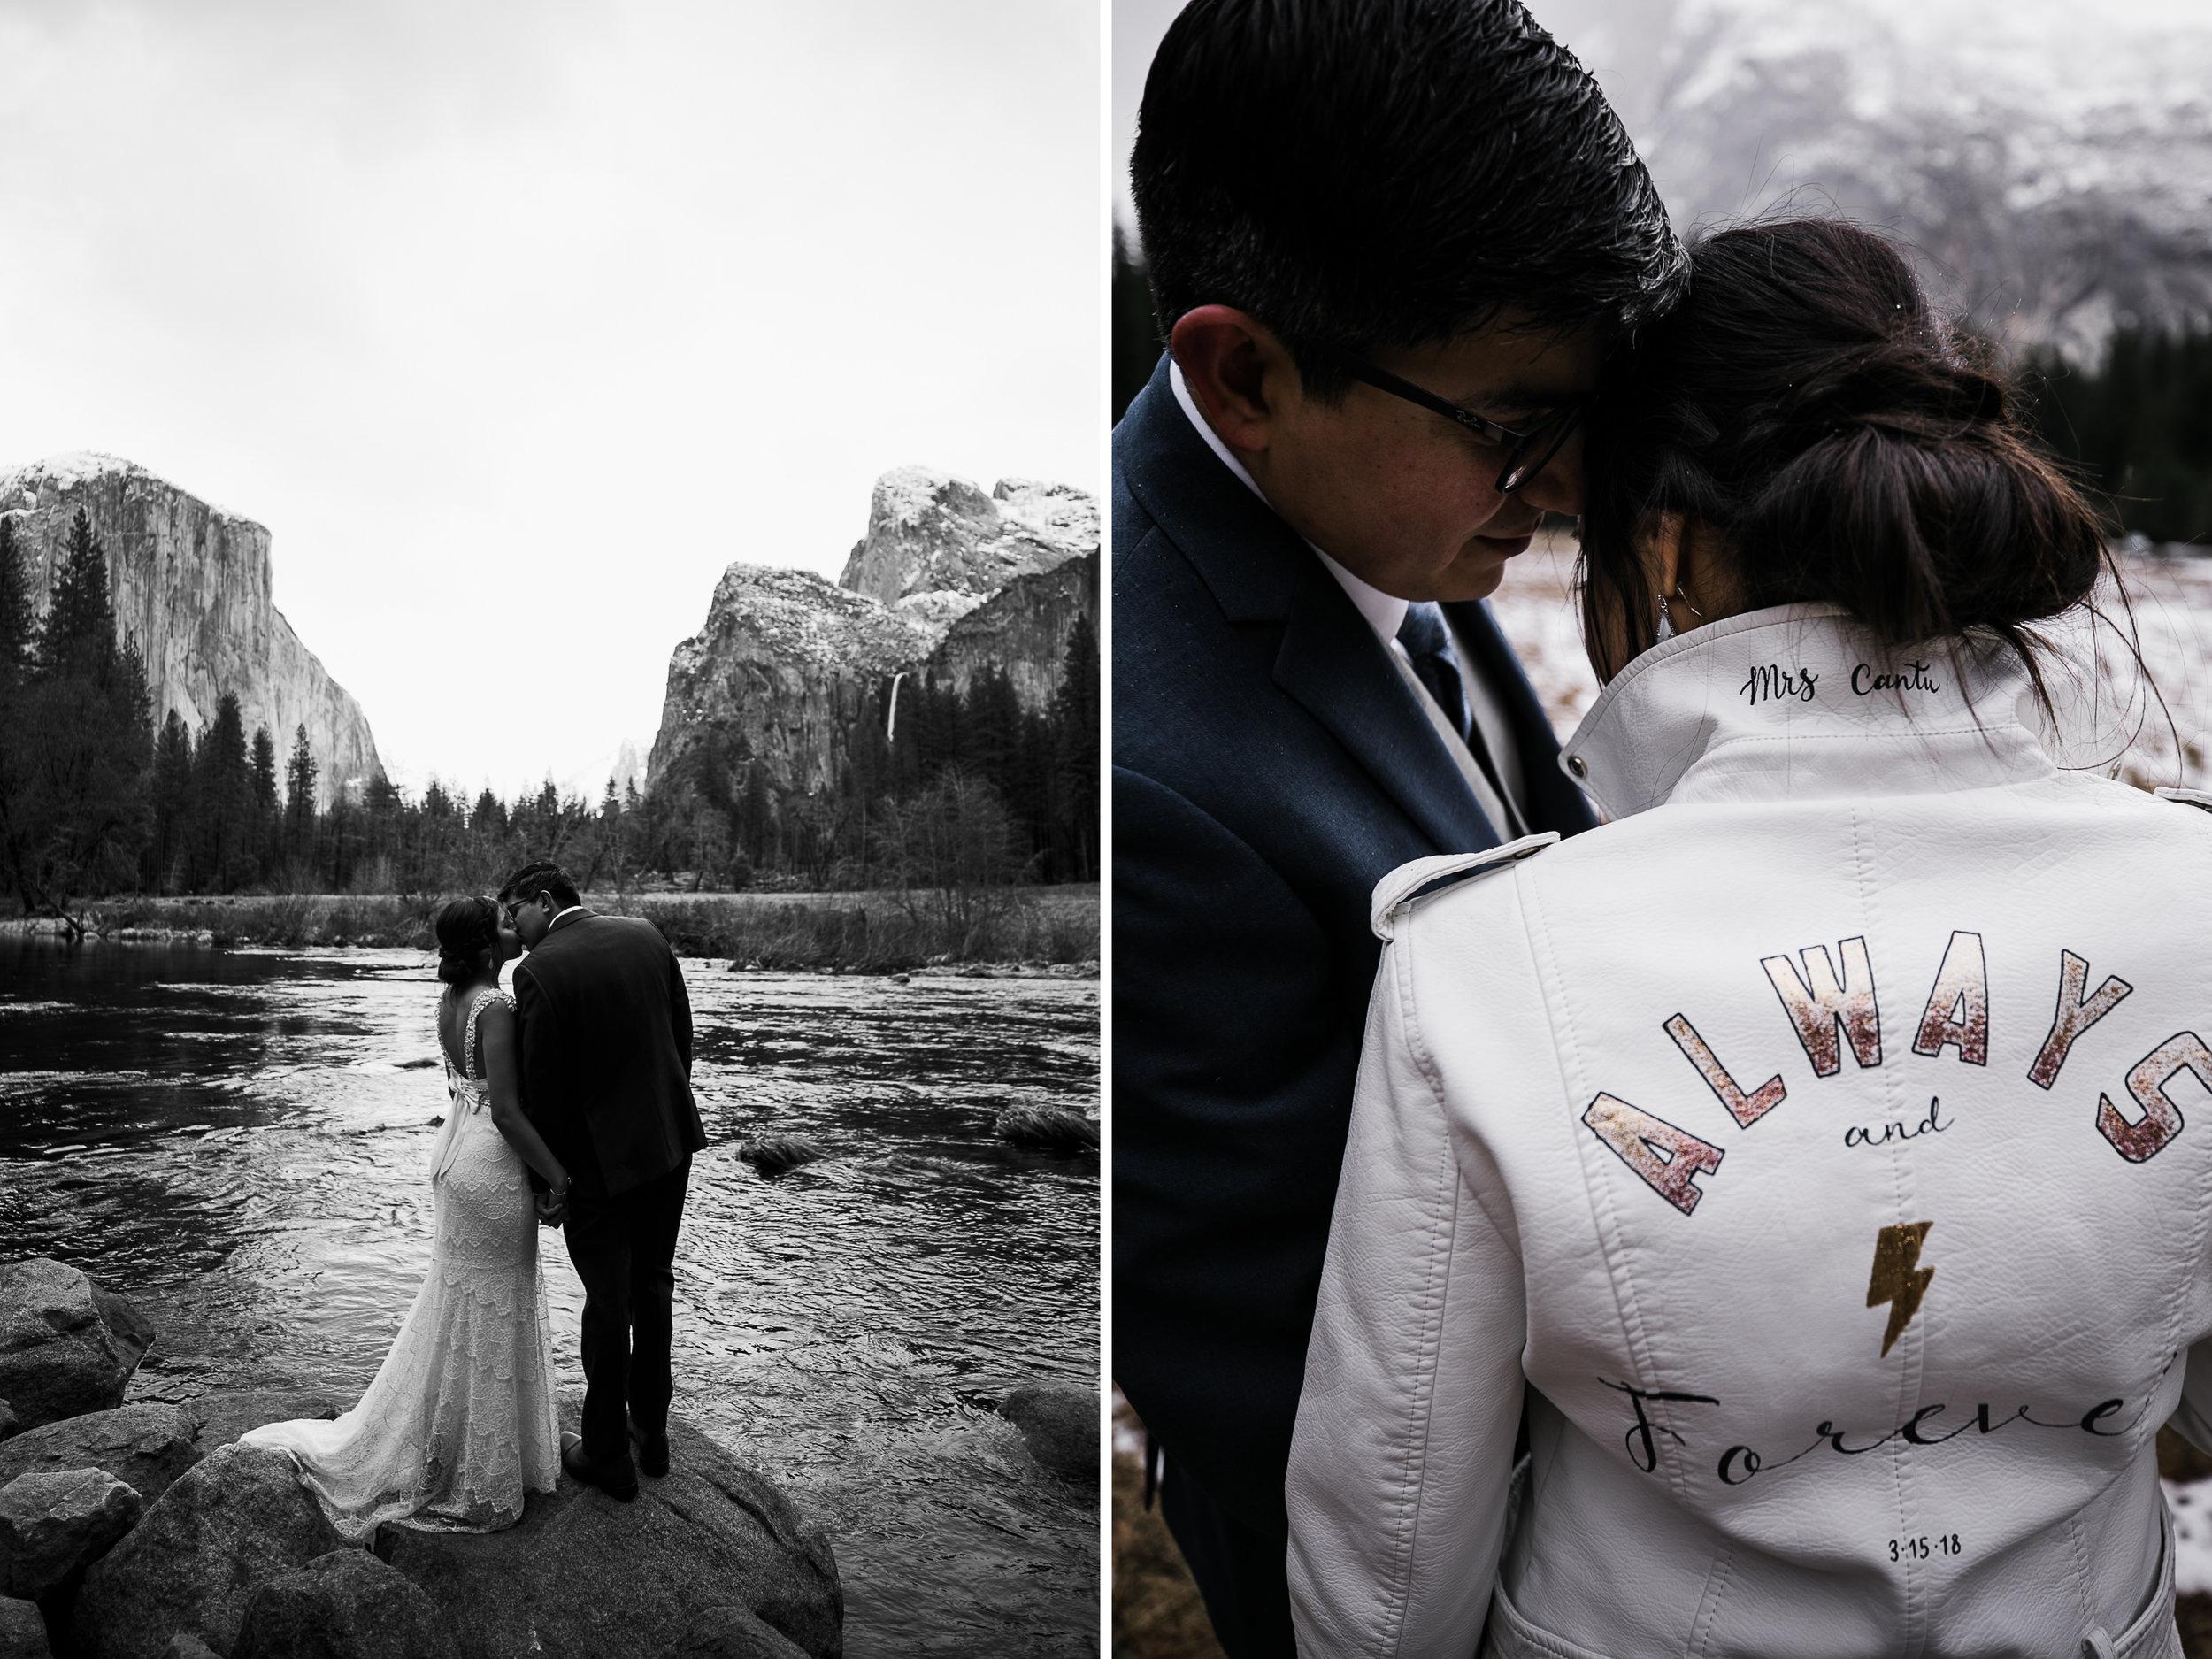 custom bridal jacket for a winter wedding